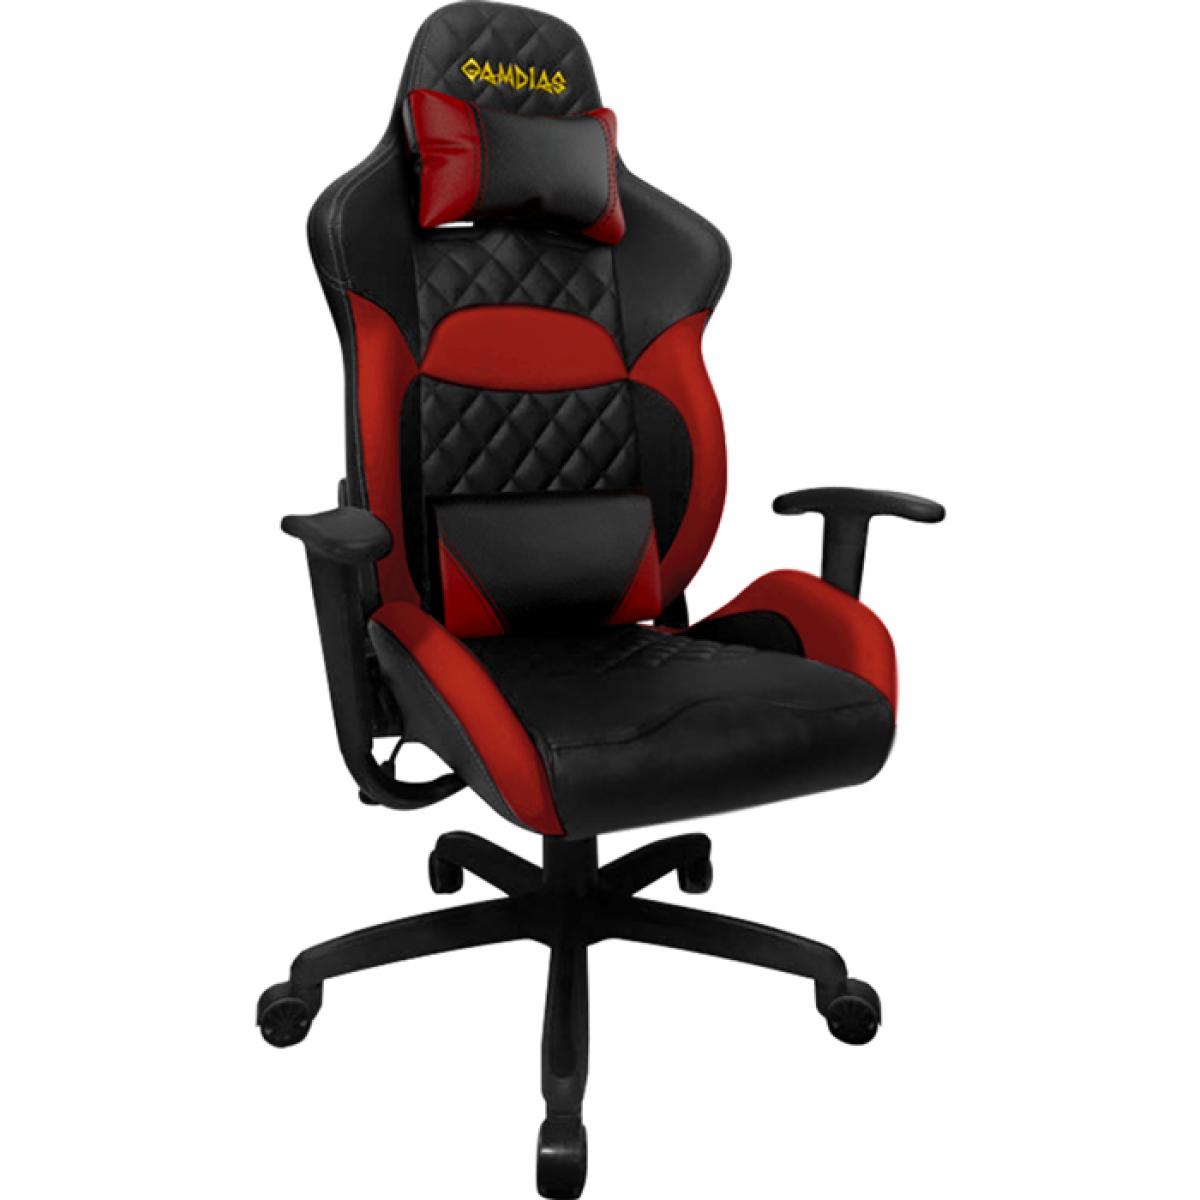 Cadeira Gamer Gamdias Zelus E1-L, Black-Red, GD-ZELUSE1LBR